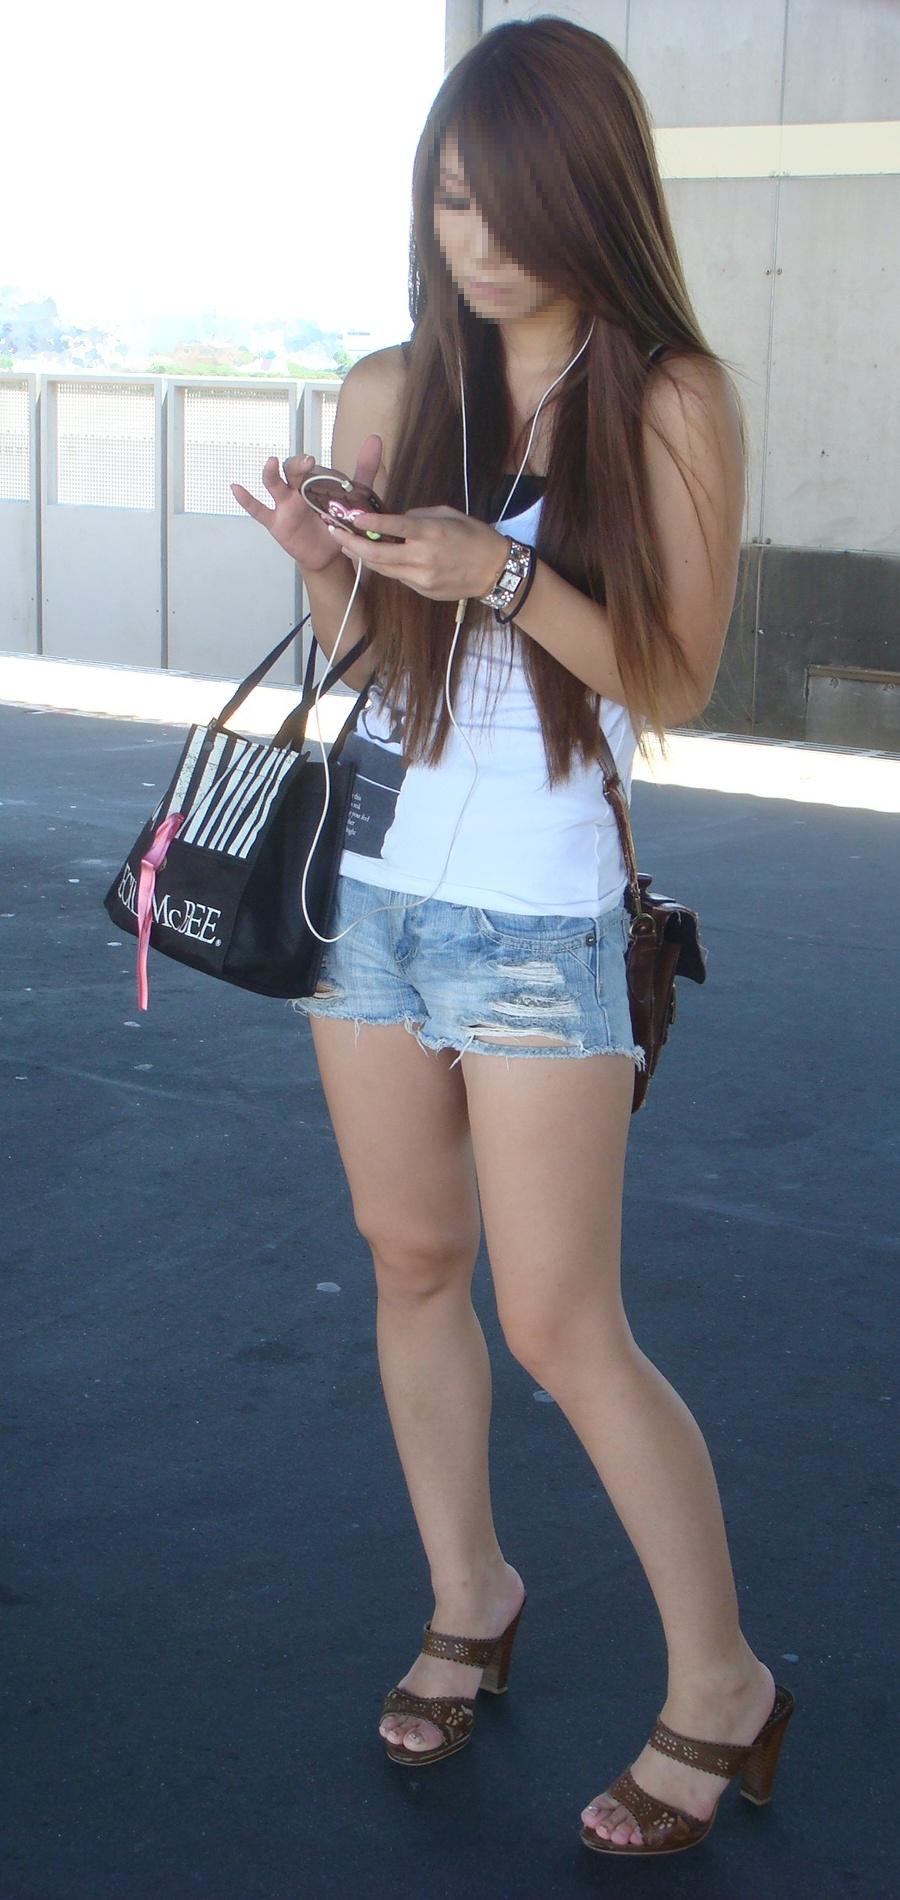 【ショーパンエロ画像】街中でもむしゃぶりついてみてぇ…太ももと尻肉を限界まで見せ付けるショーパン女子www 18